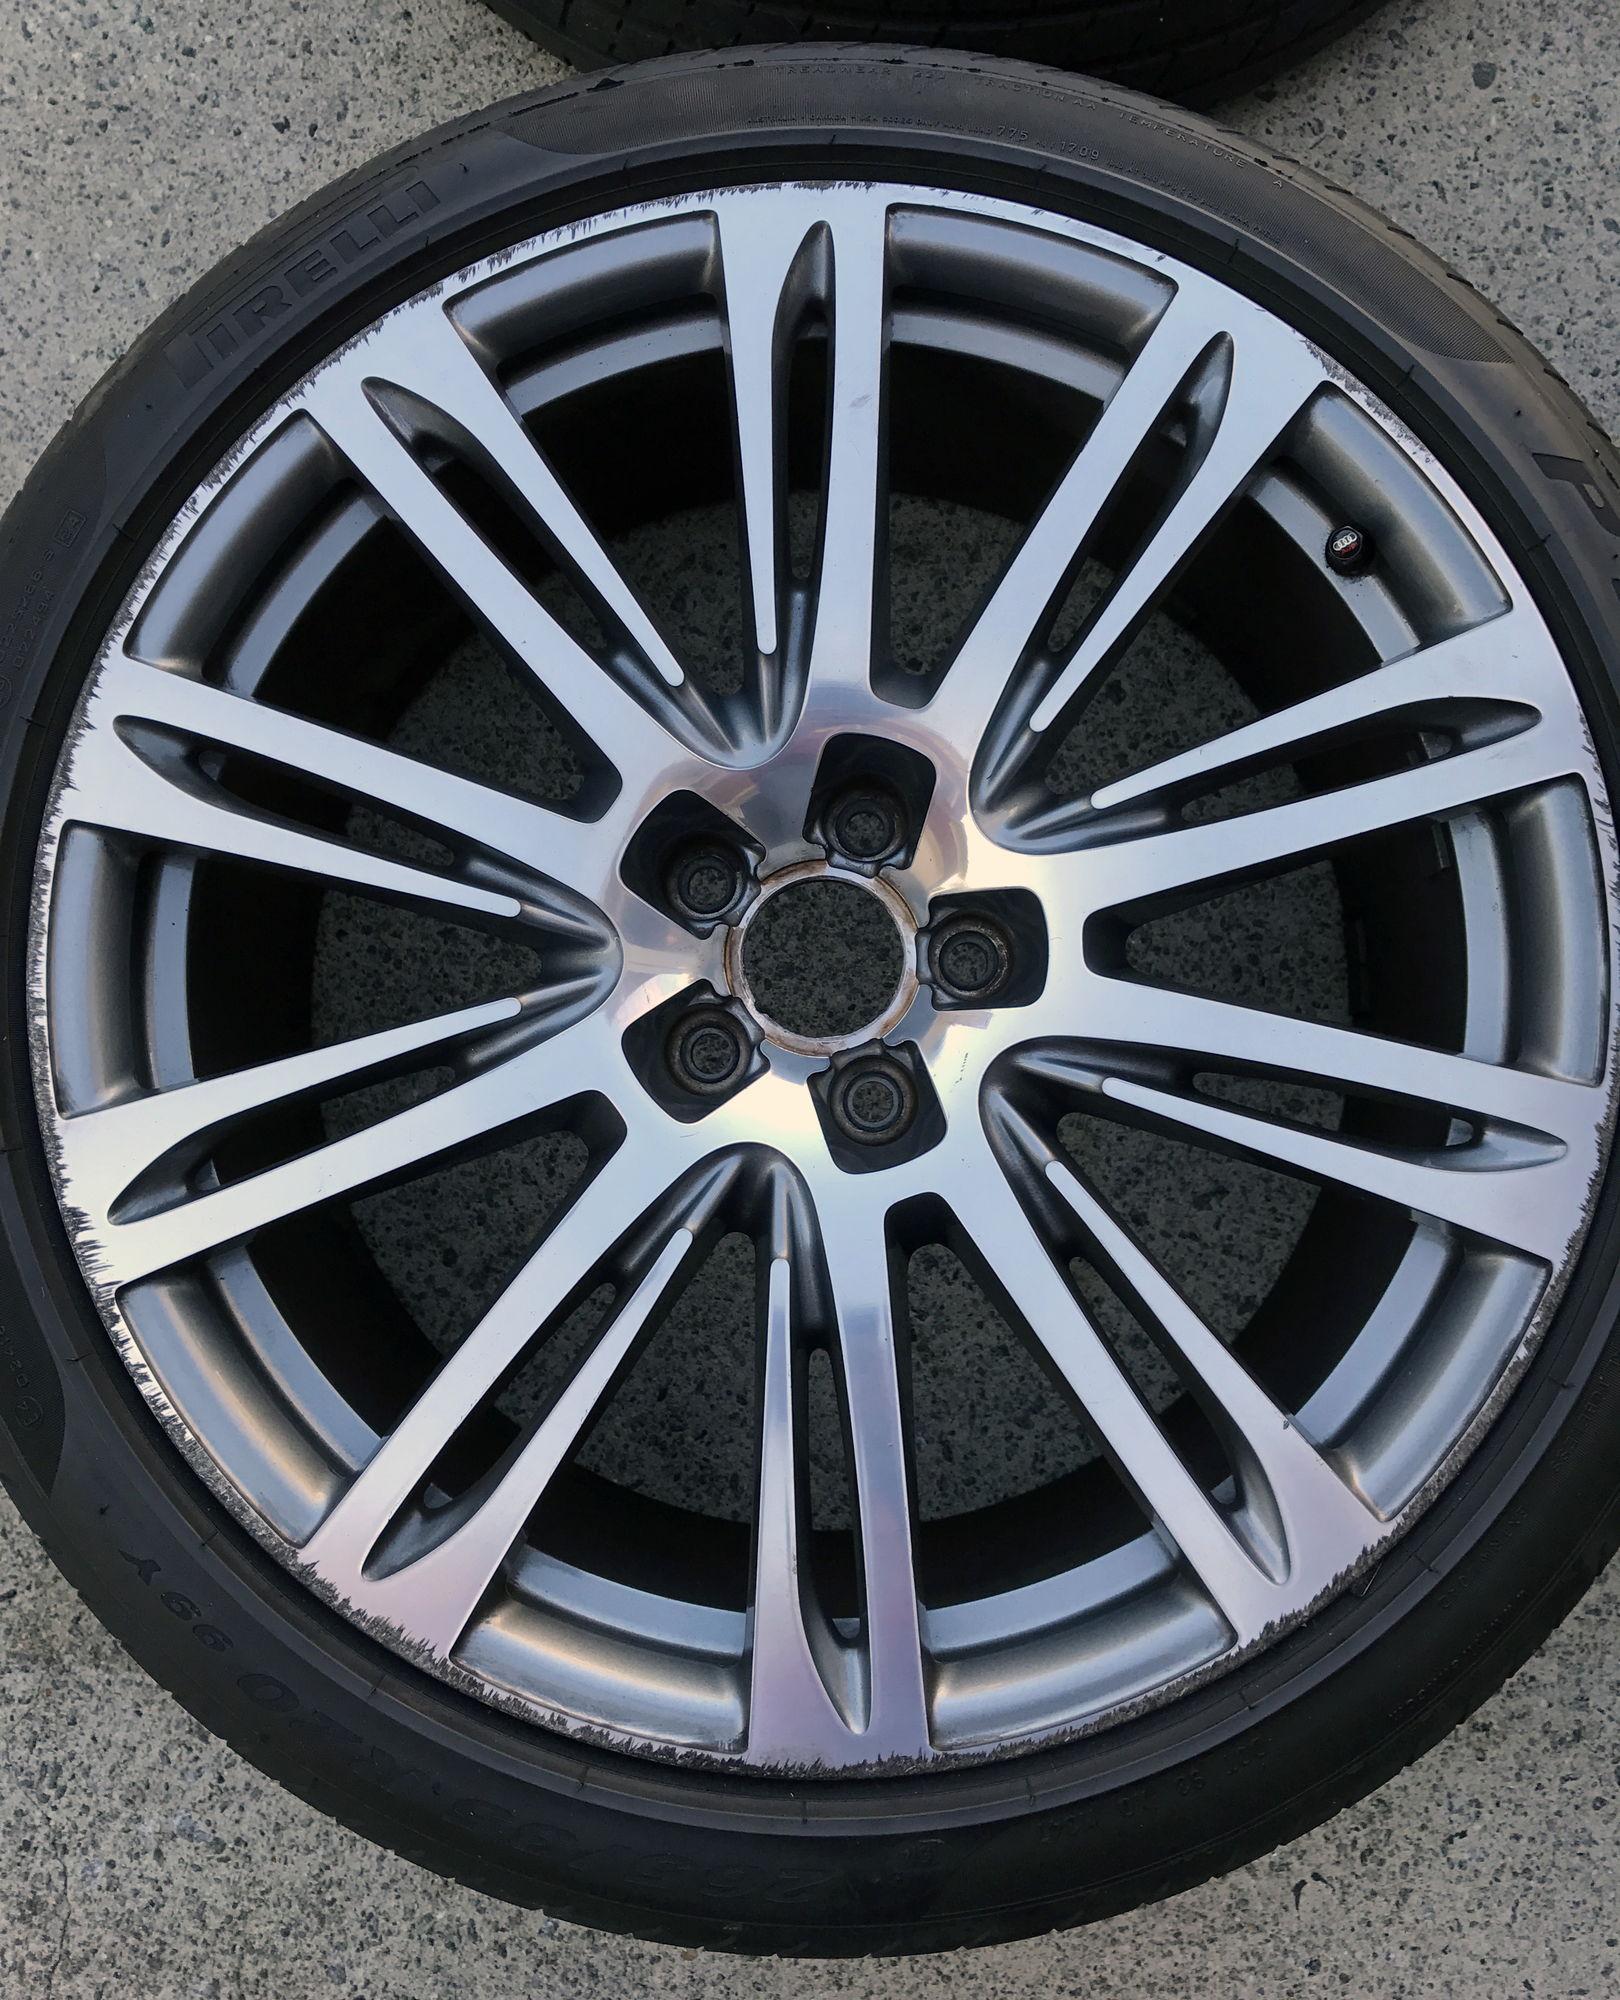 """Audi A7 FS in Atlanta: Audi 20"""" 10 double-spoke wheels - AudiWorld Forums"""